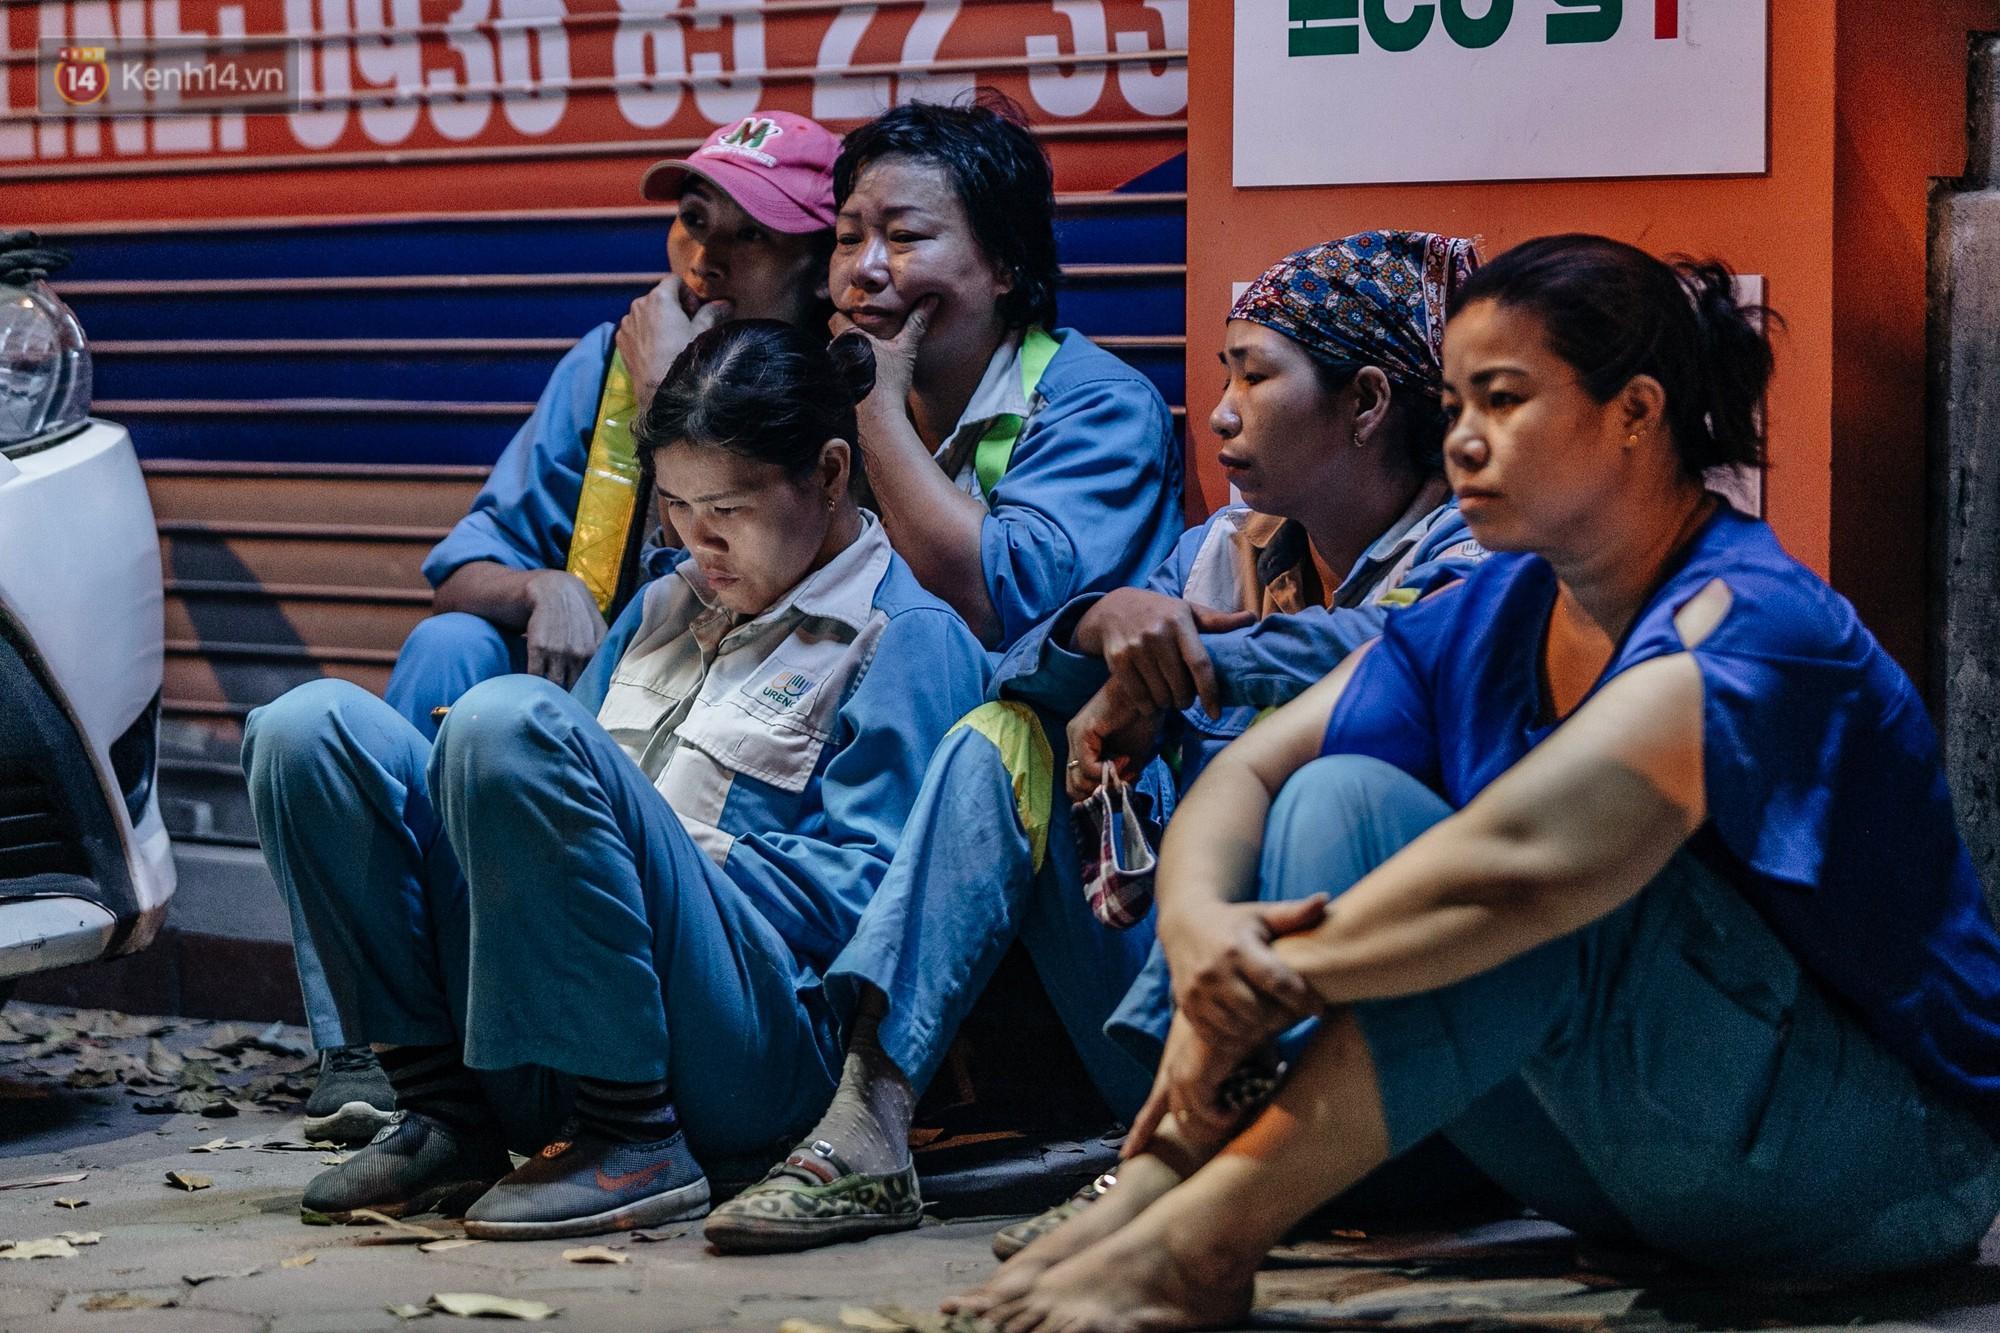 Sự ra đi của nữ công nhân môi trường và nỗi ám ảnh người ở lại: Những phận đời phu rác bám đường phố Hà Nội mưu sinh-19